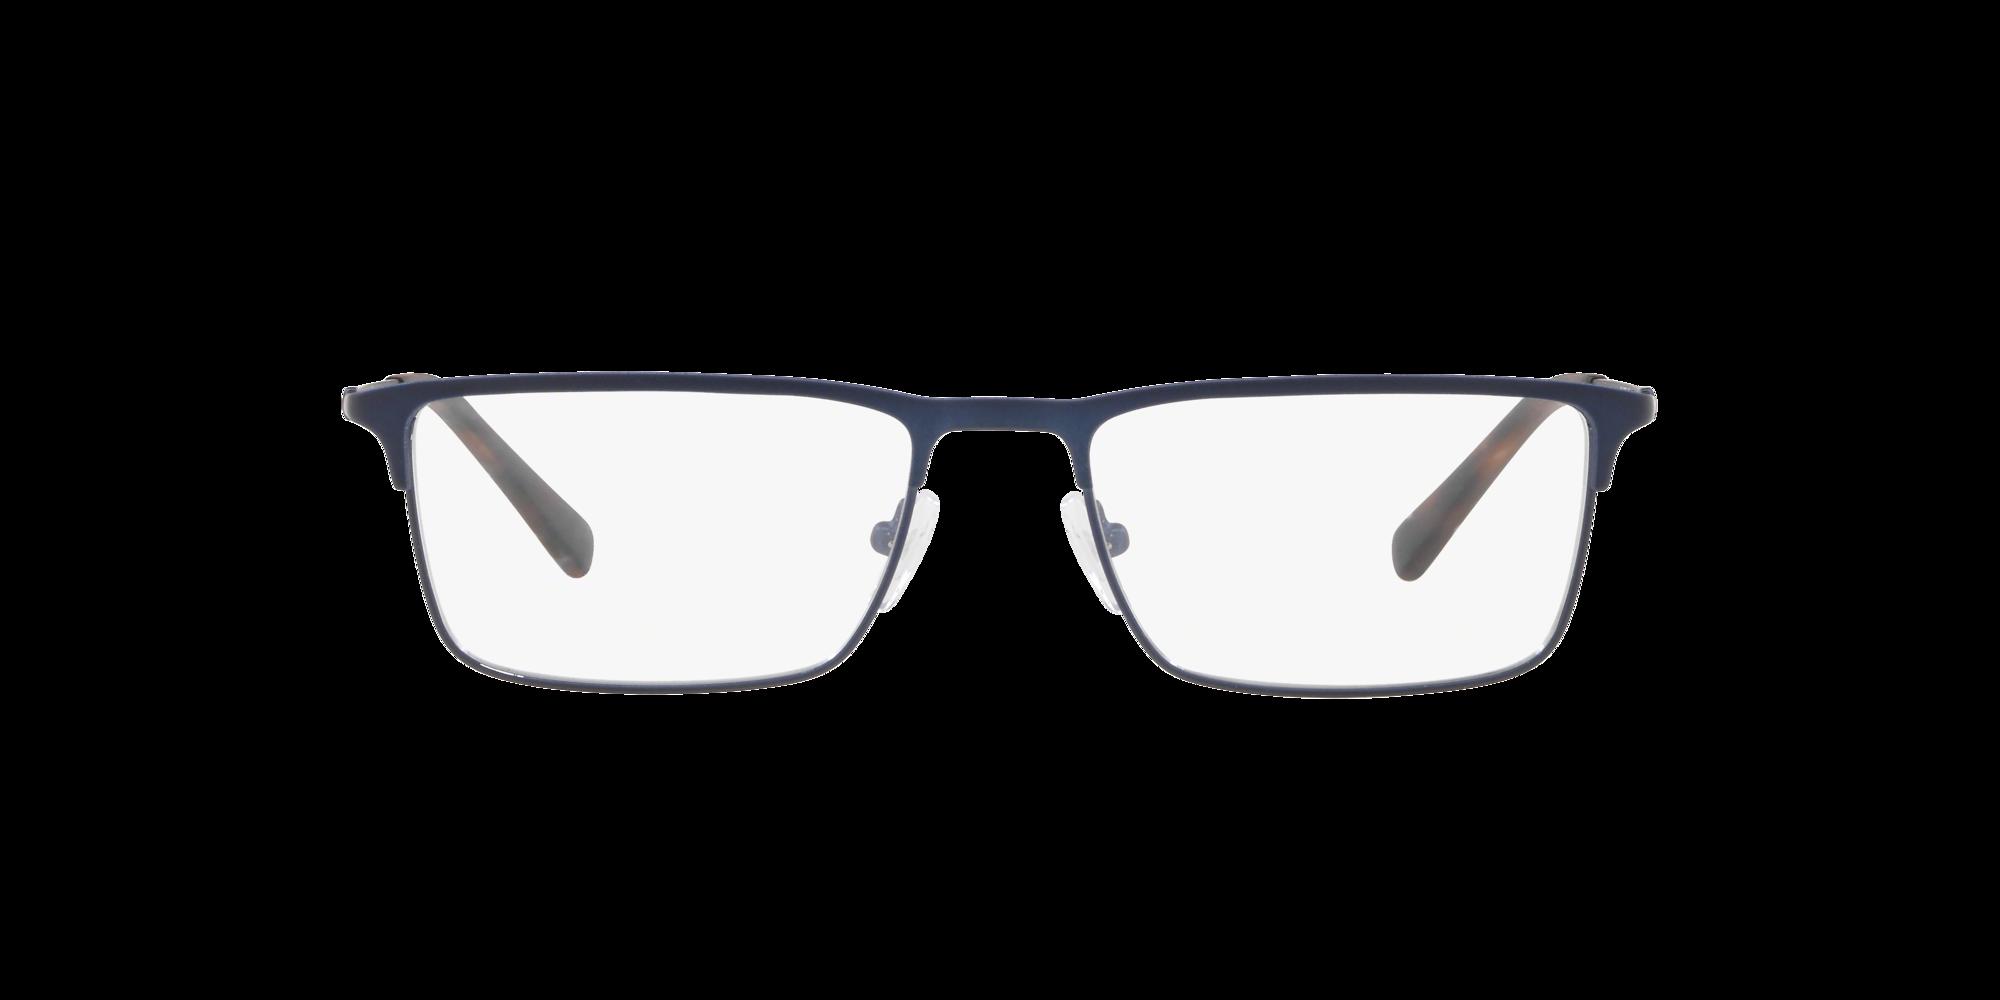 Imagen para AX1035 de LensCrafters |  Espejuelos, espejuelos graduados en línea, gafas